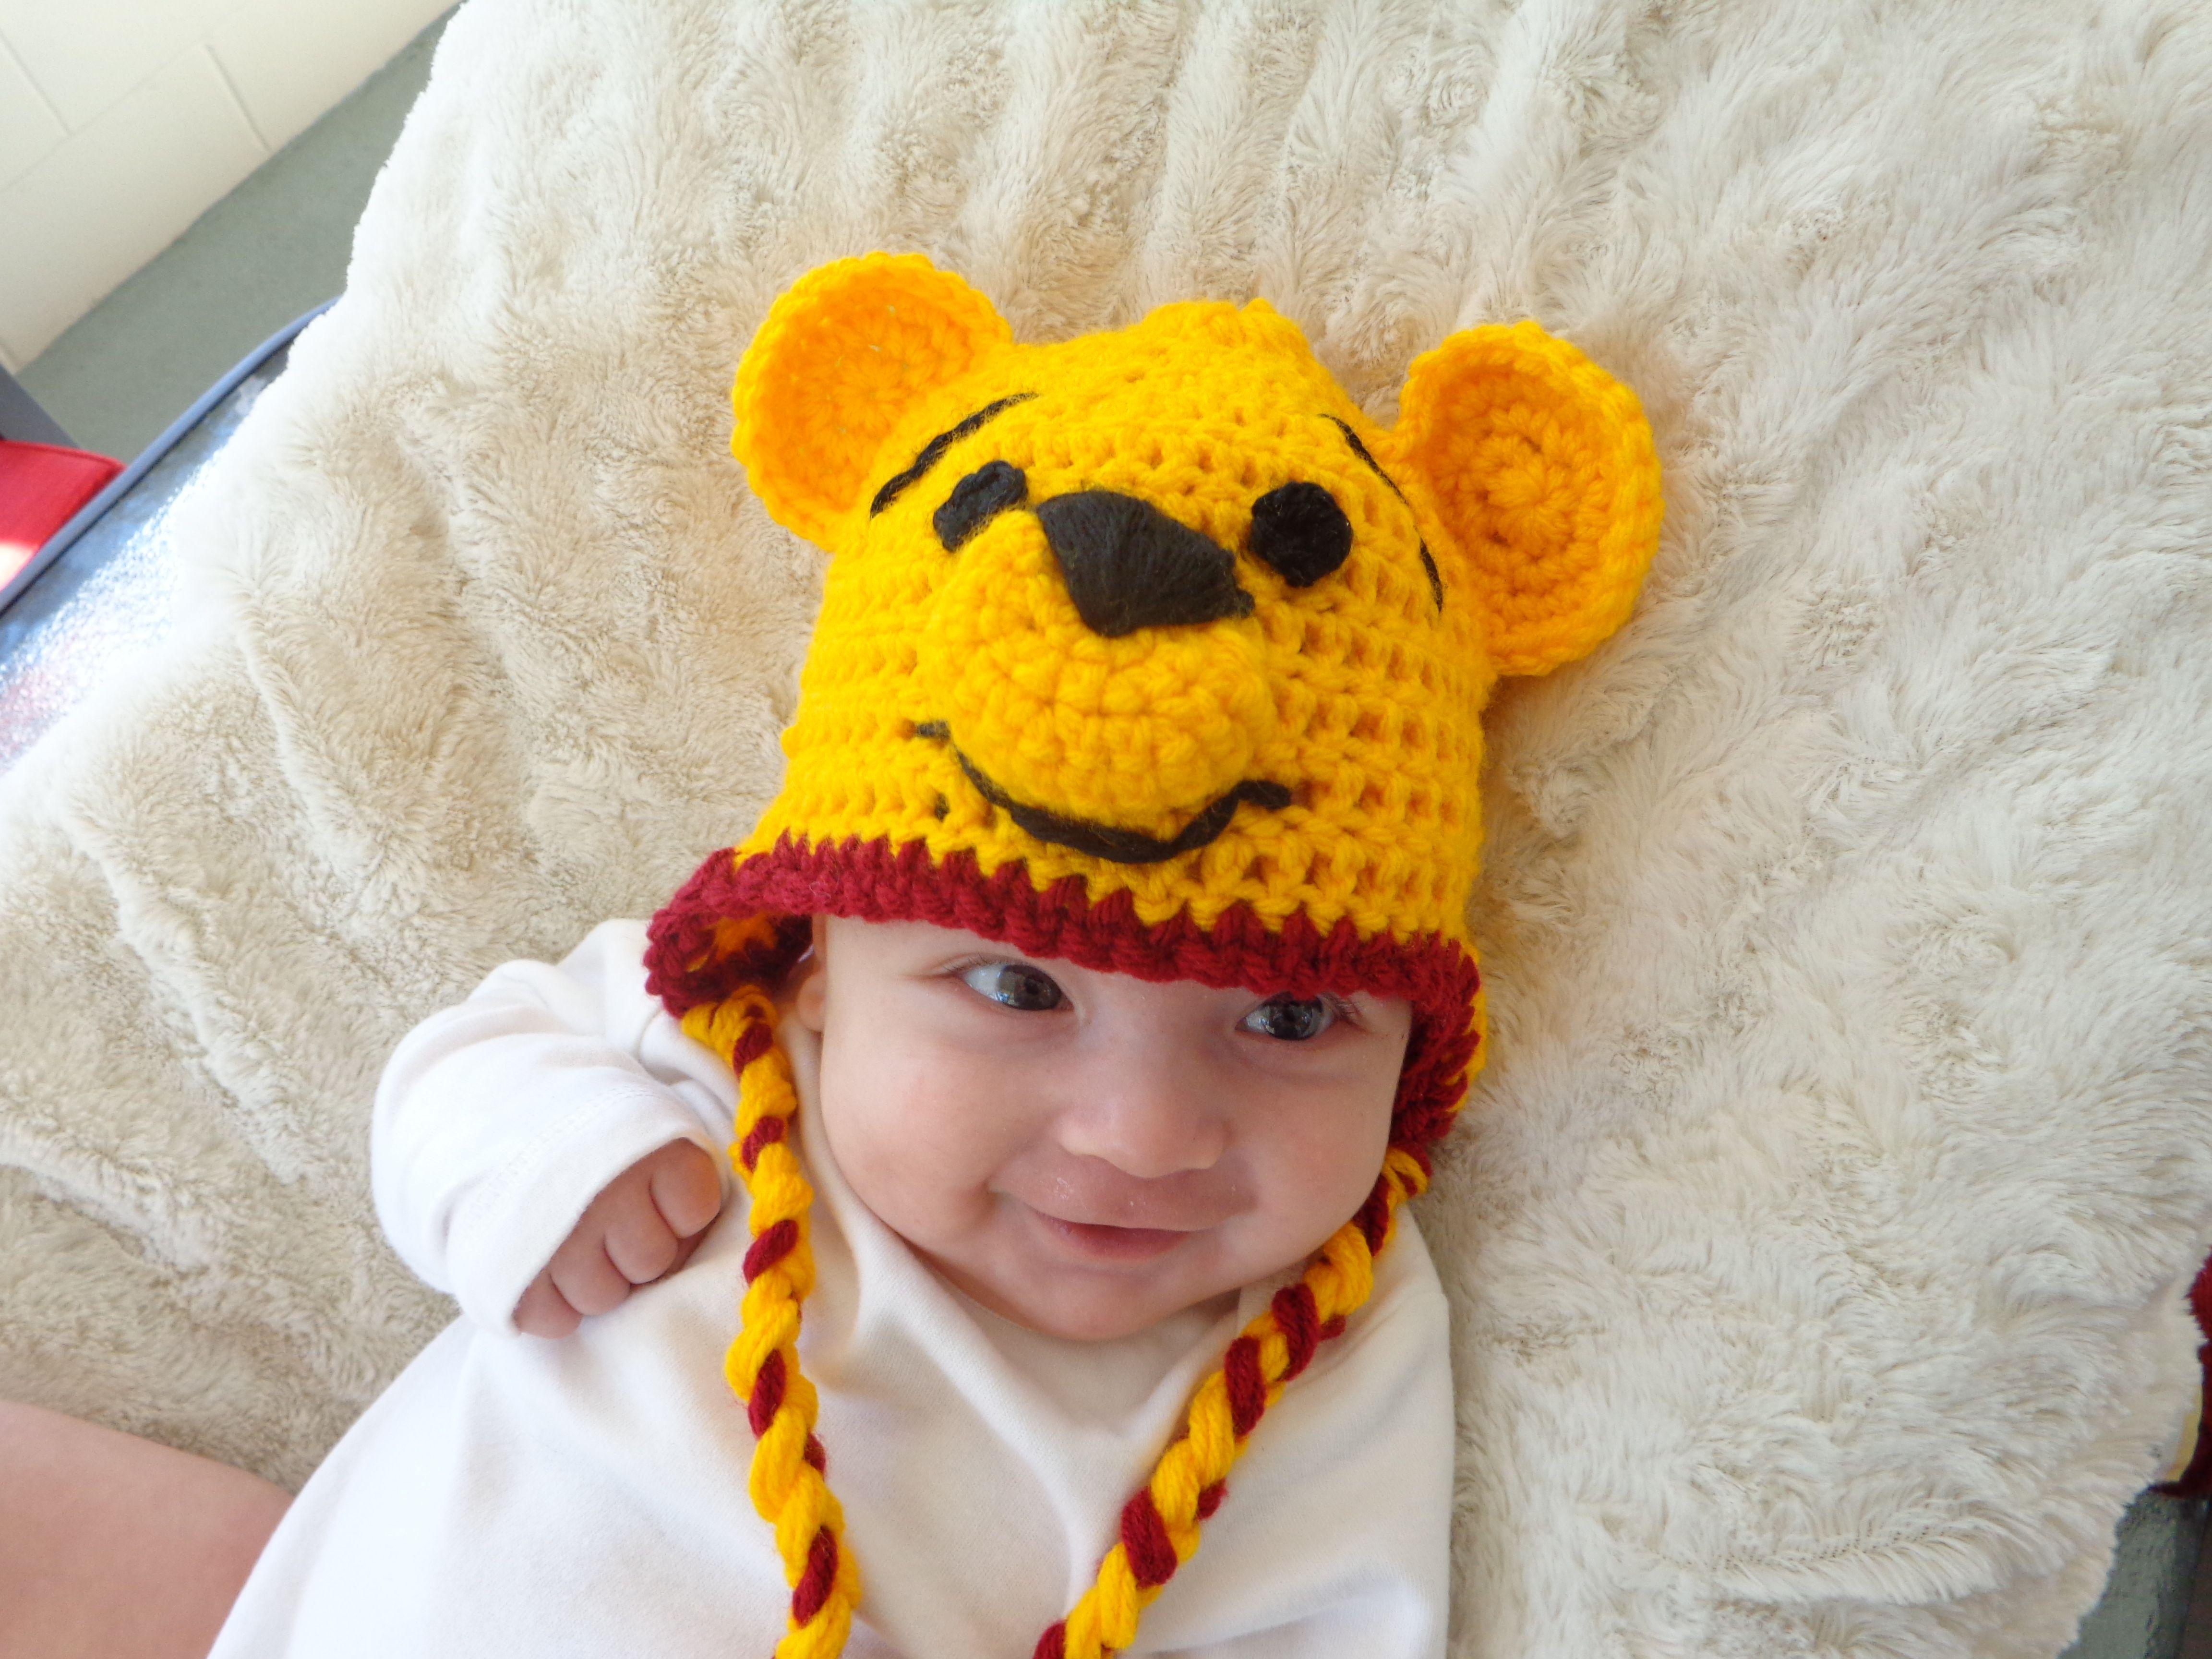 Crochet Pooh Bear Hat Pattern : Crochet Winnie the Pooh hat Baby Crochet Pinterest